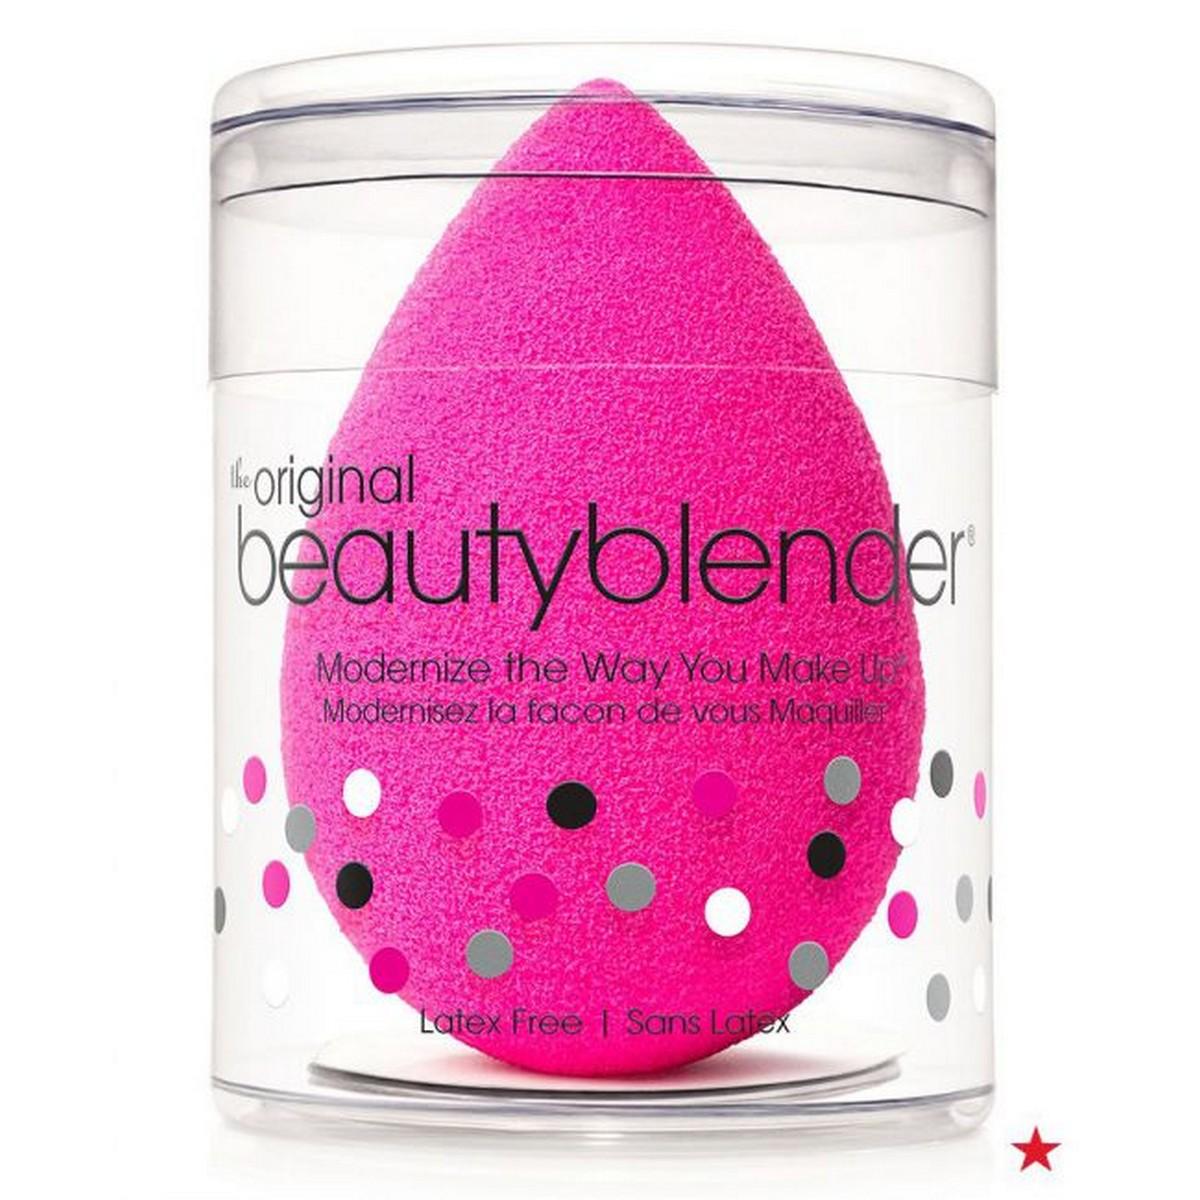 Makeup Foundation Powder Puff  Beauty Blender Makeup Sponge Makeup Foundation Powder Puff  Beauty Blender Makeup SpongeAssorted colours